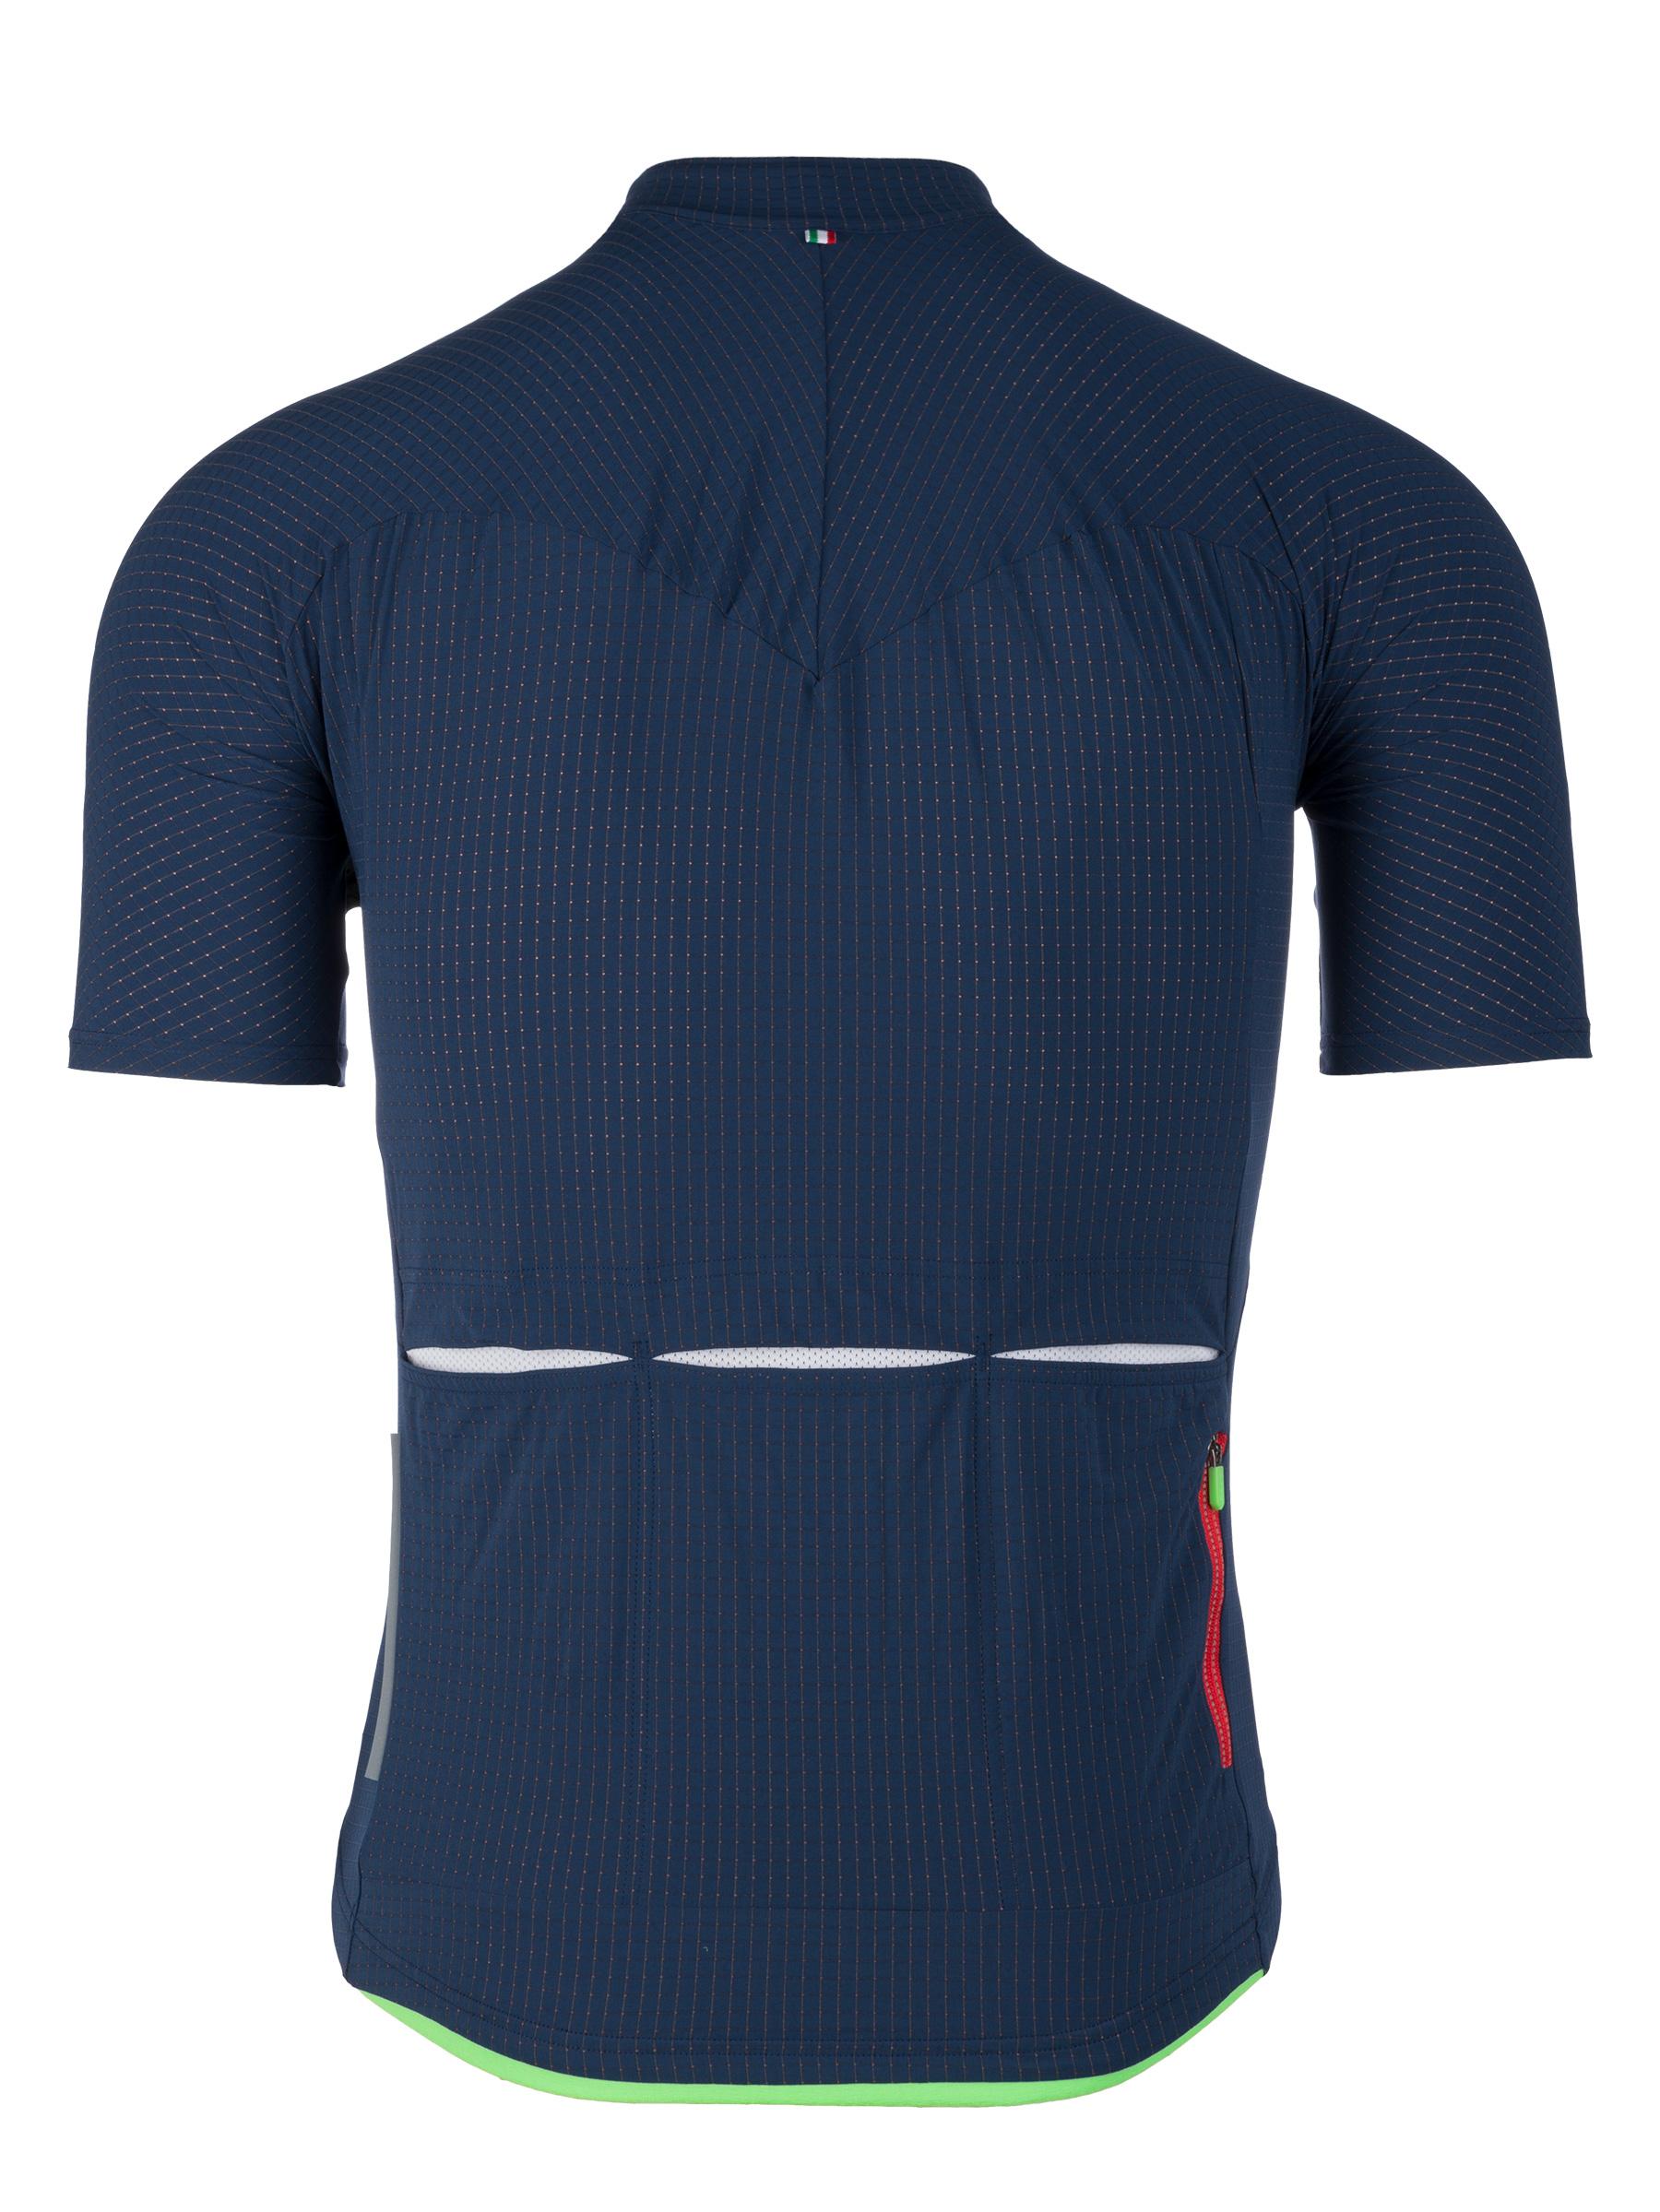 Maglia a maniche corte L1 Pinstripe Blu Navy